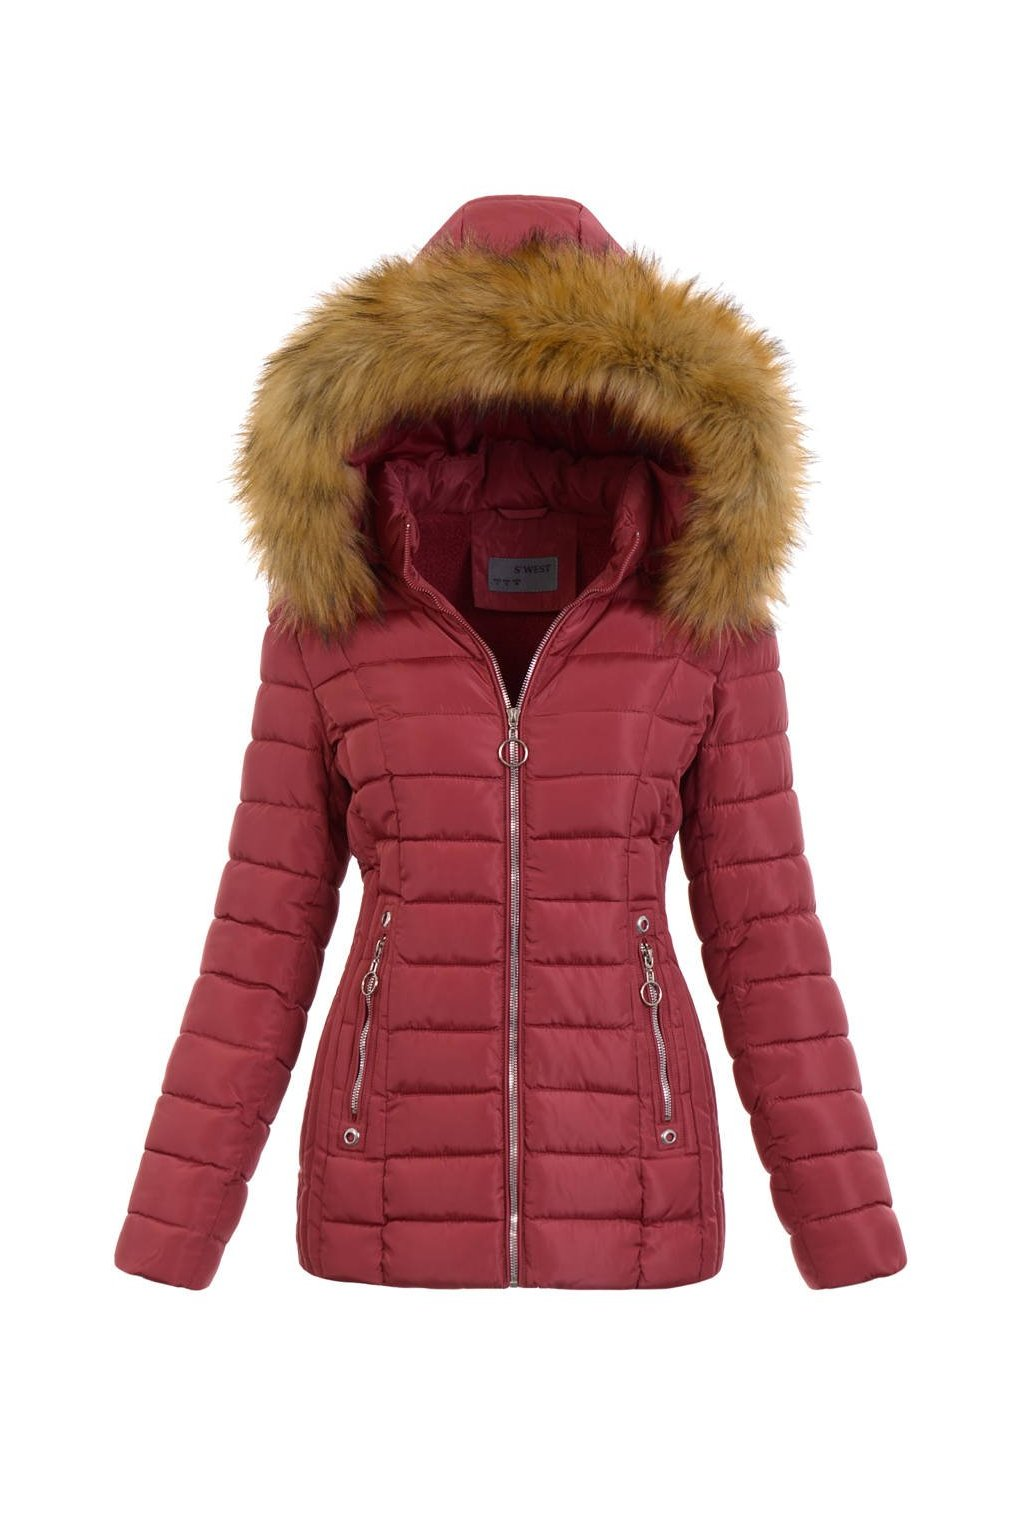 Dámska zimná bunda s kapucňou 5165 ružová